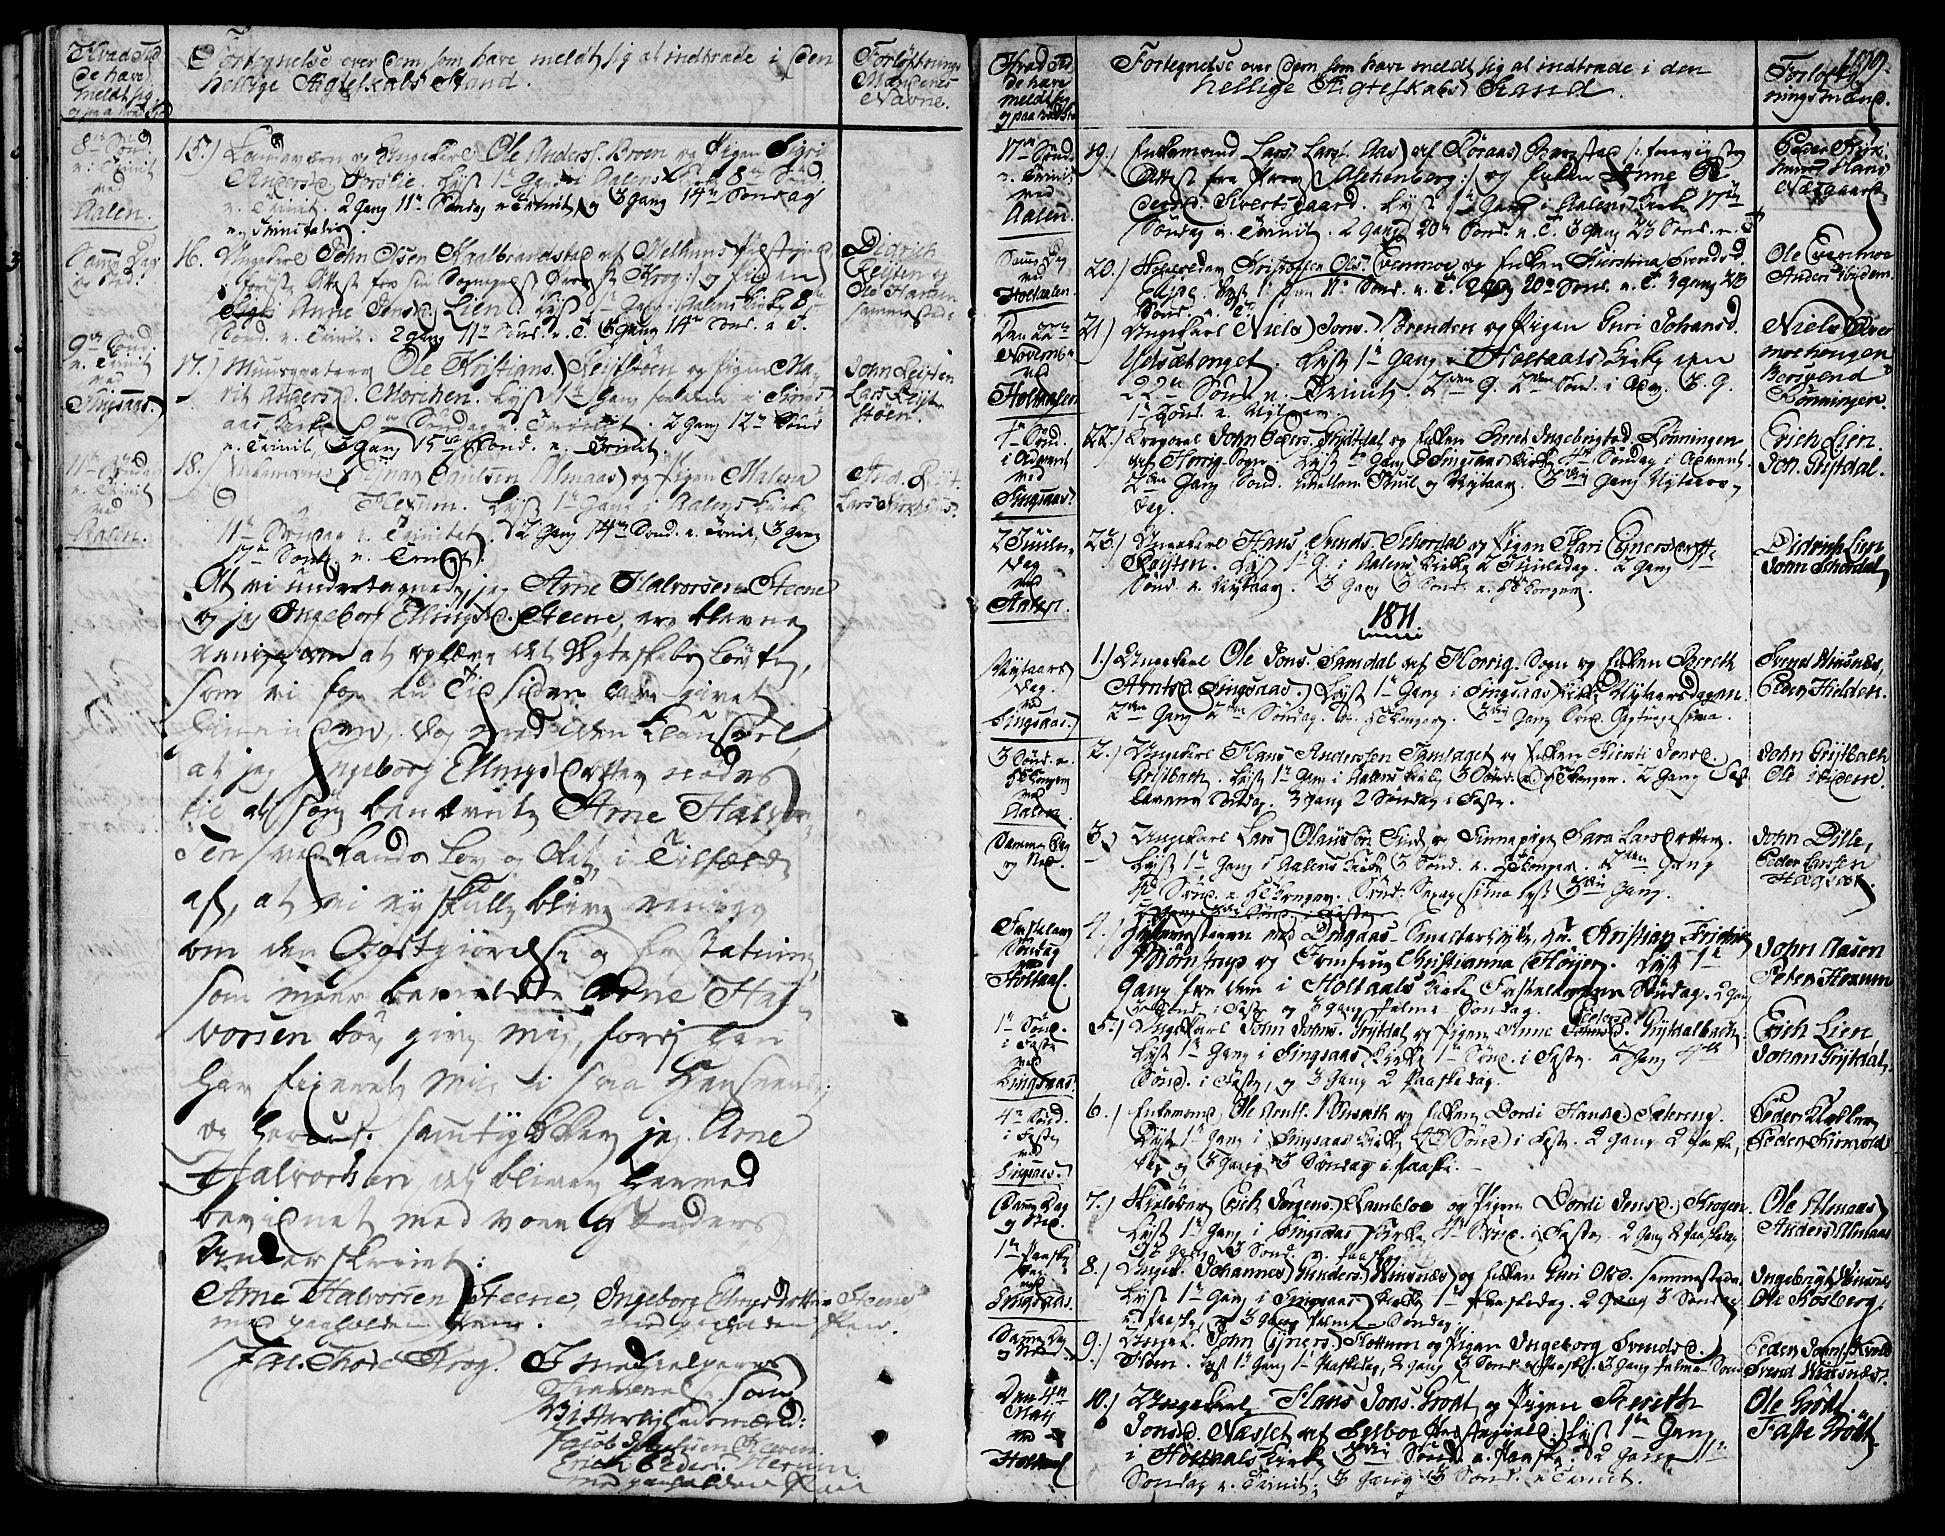 SAT, Ministerialprotokoller, klokkerbøker og fødselsregistre - Sør-Trøndelag, 685/L0953: Ministerialbok nr. 685A02, 1805-1816, s. 199